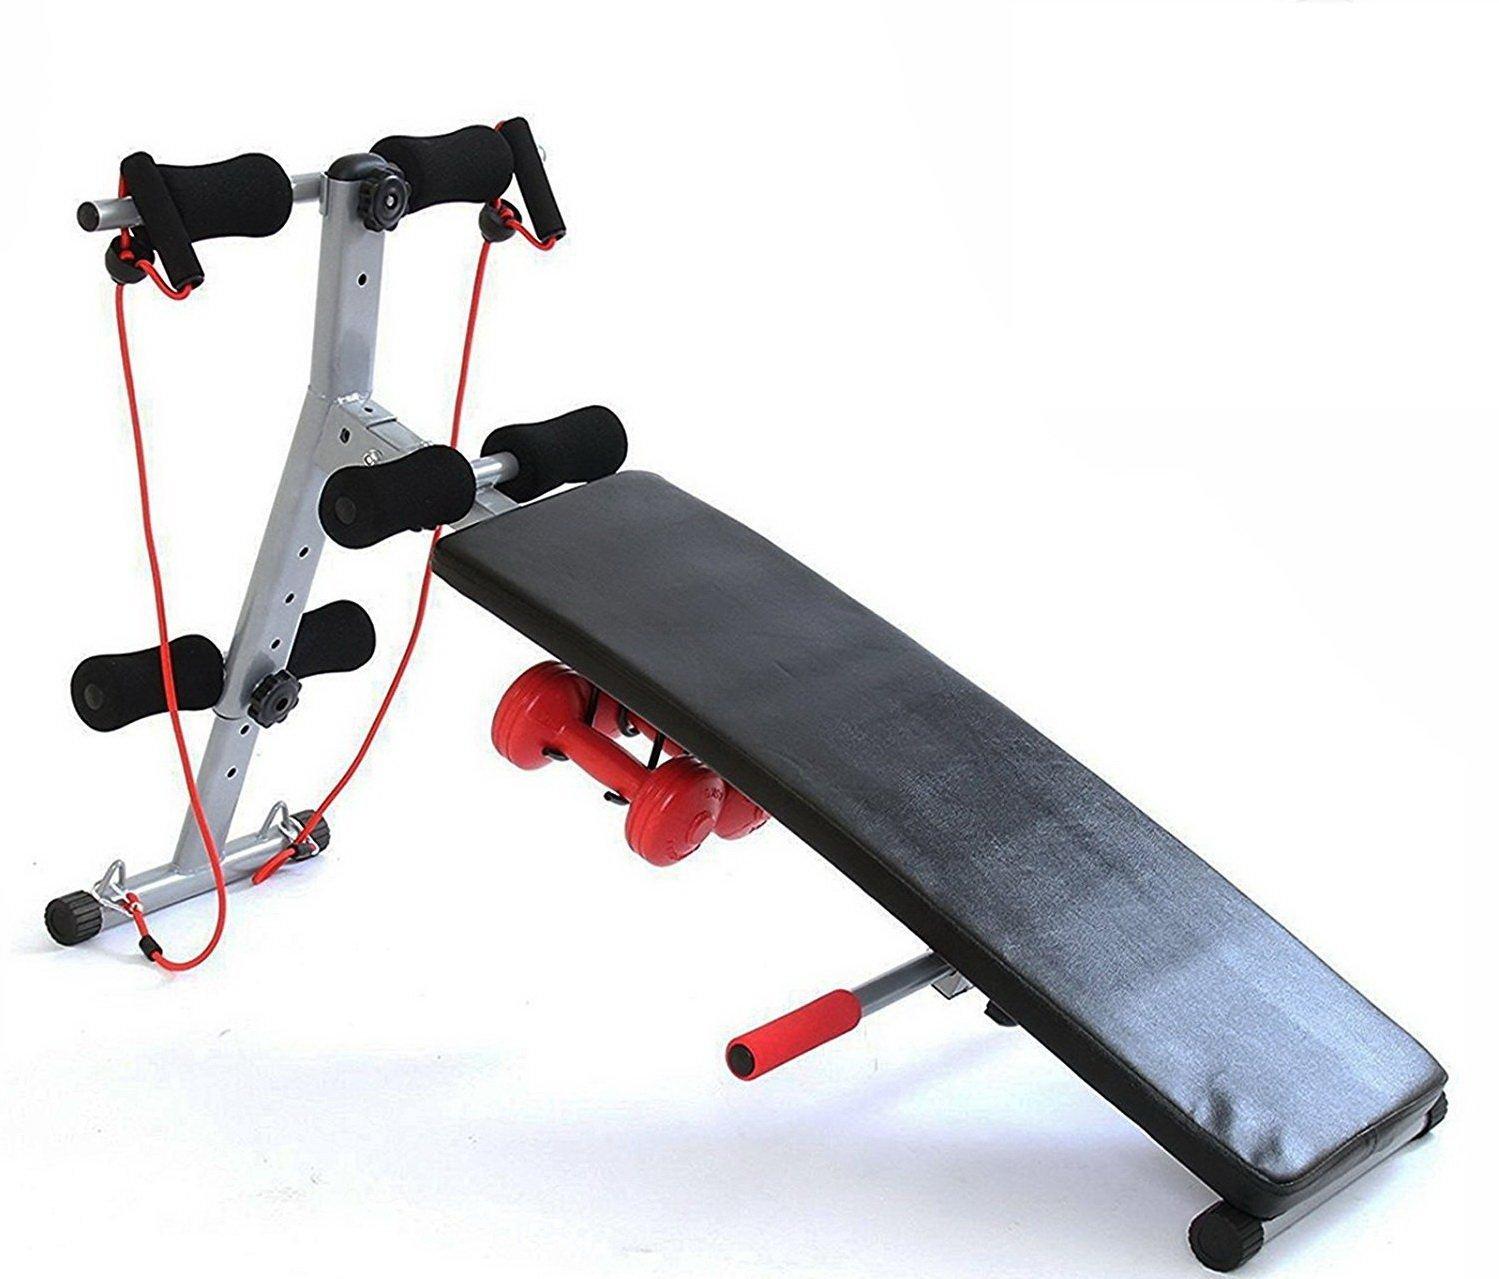 GYM MASTER Fitness plegable ajustable banco de pesas Ejercicio Core Abs y con potencia cuerdas y pesas - Negro & Rojo: Amazon.es: Deportes y aire libre